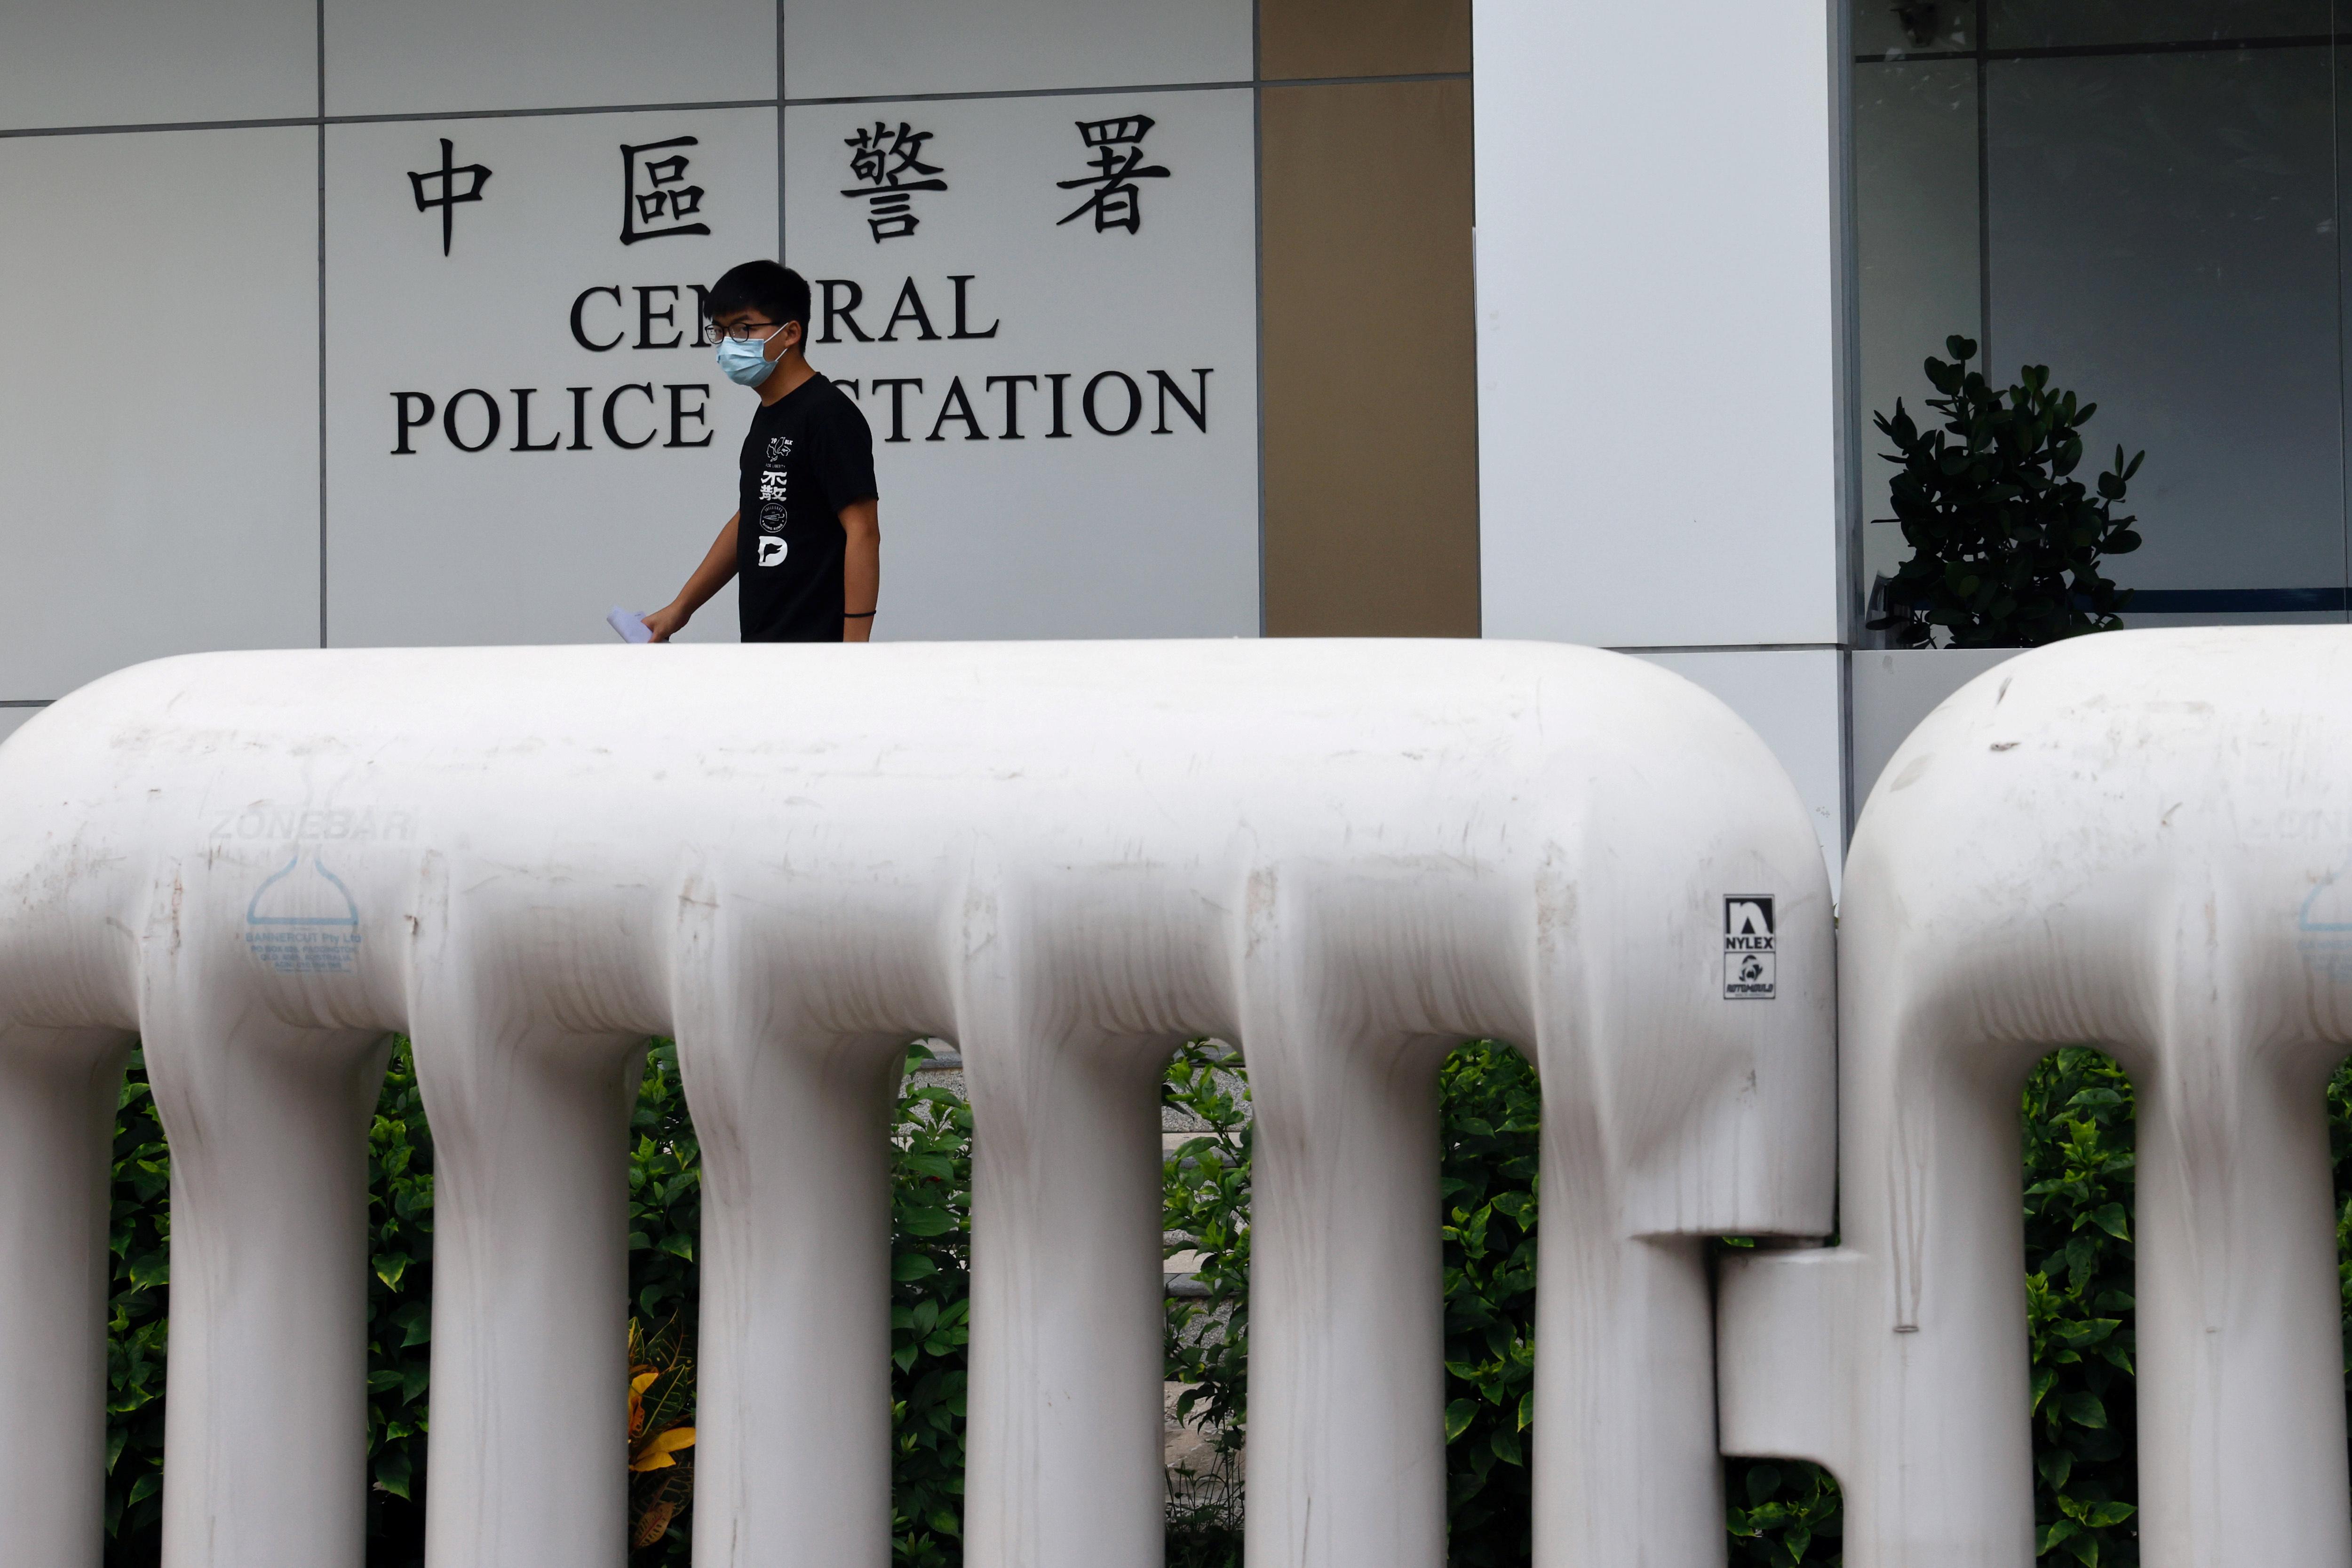 黄之锋周四离开香港中区警署时对记者证实,他将于30日再到香港东区裁判法院出庭。-路透社-